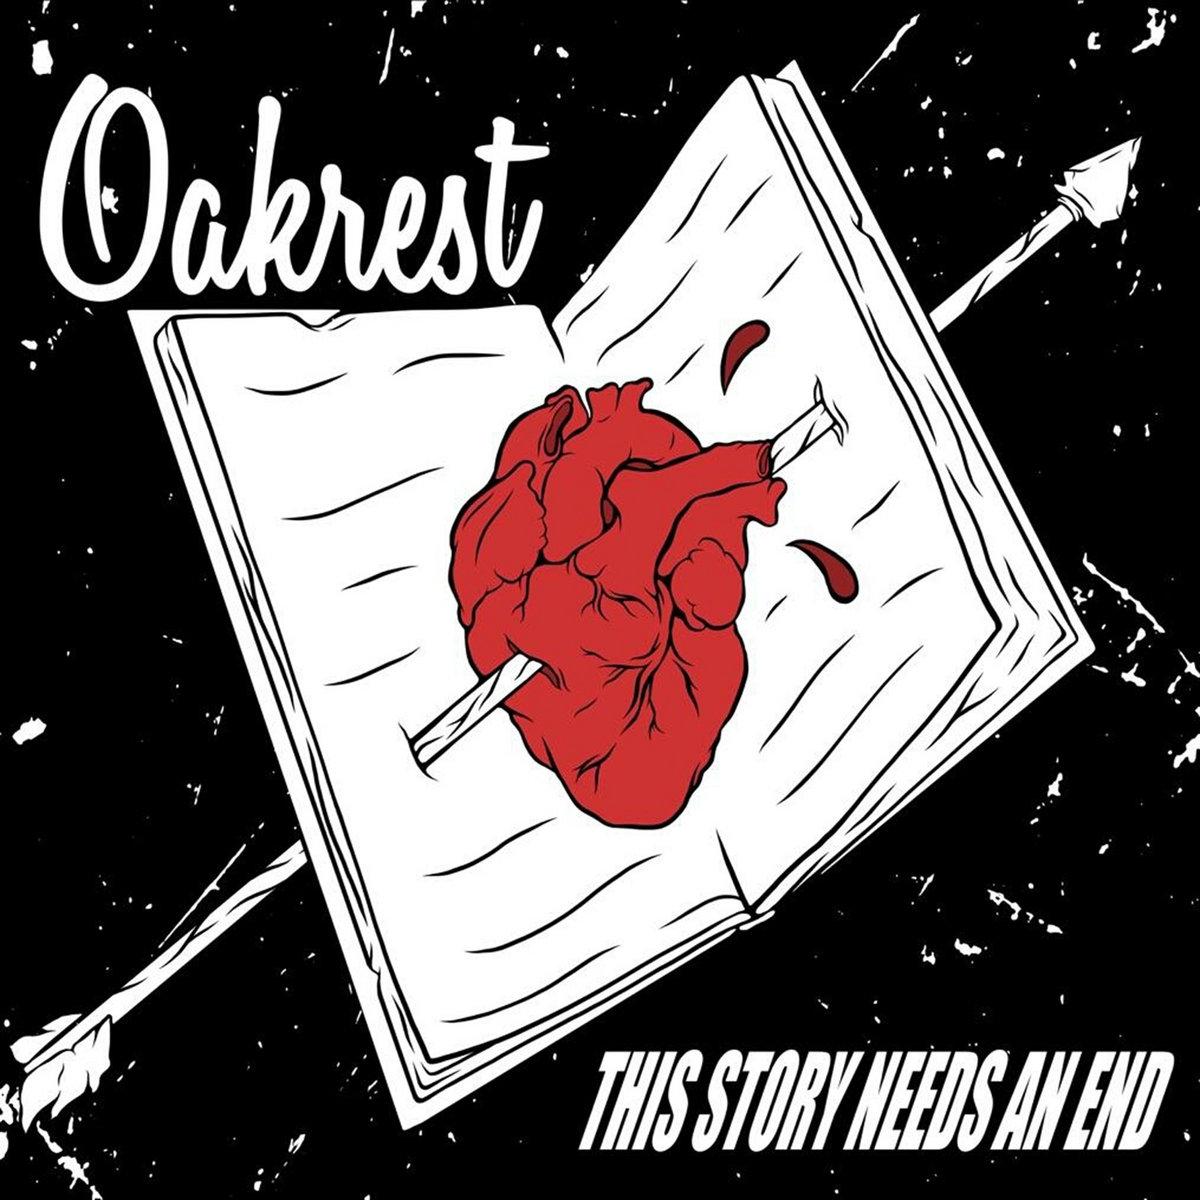 www.facebook.com/oakrestband